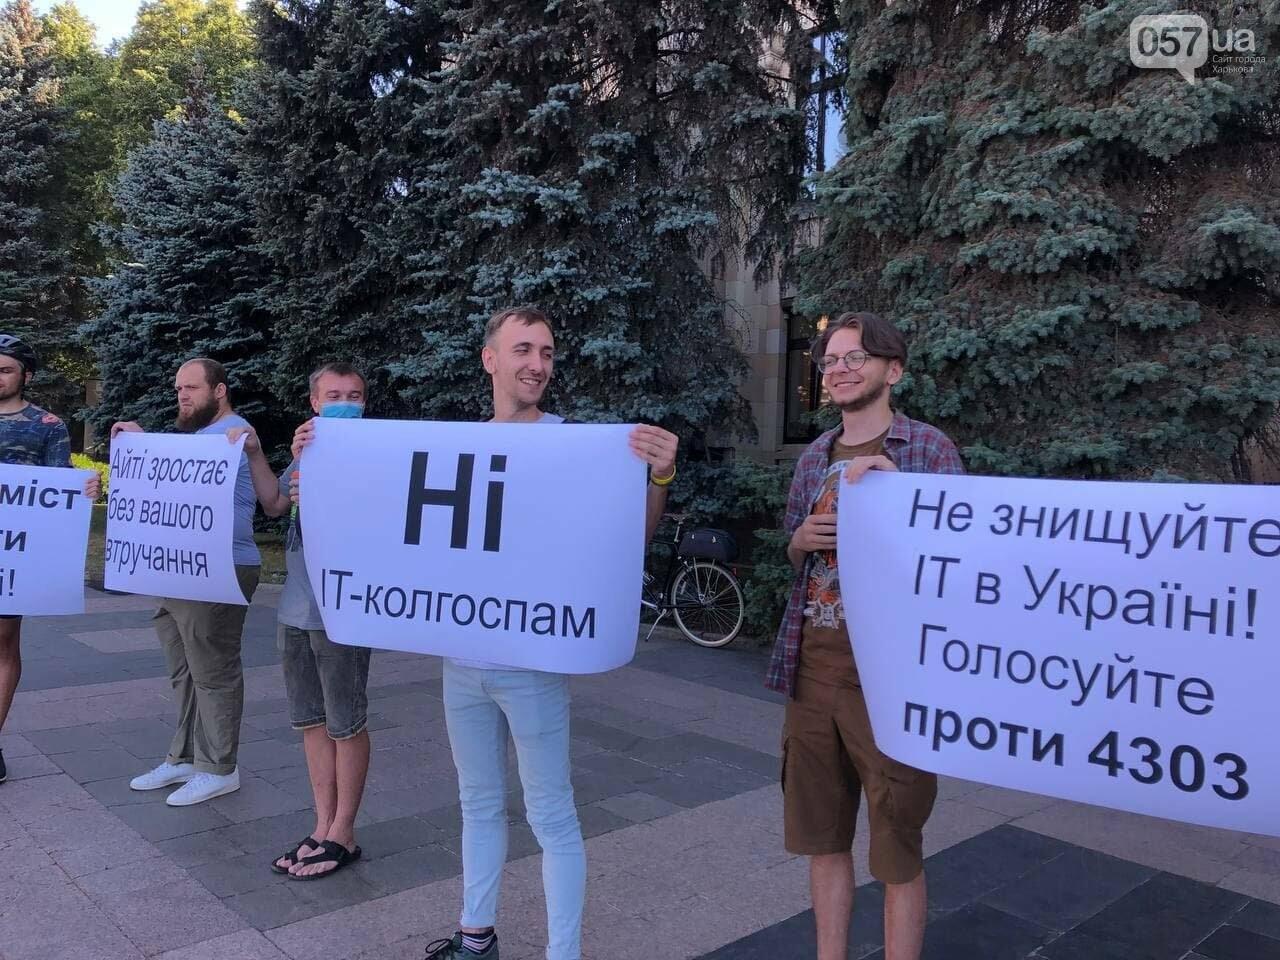 «Не уничтожайте IT в Украине»: в центре Харькова митинговали программисты, - ФОТОРЕПОРТАЖ, фото-8